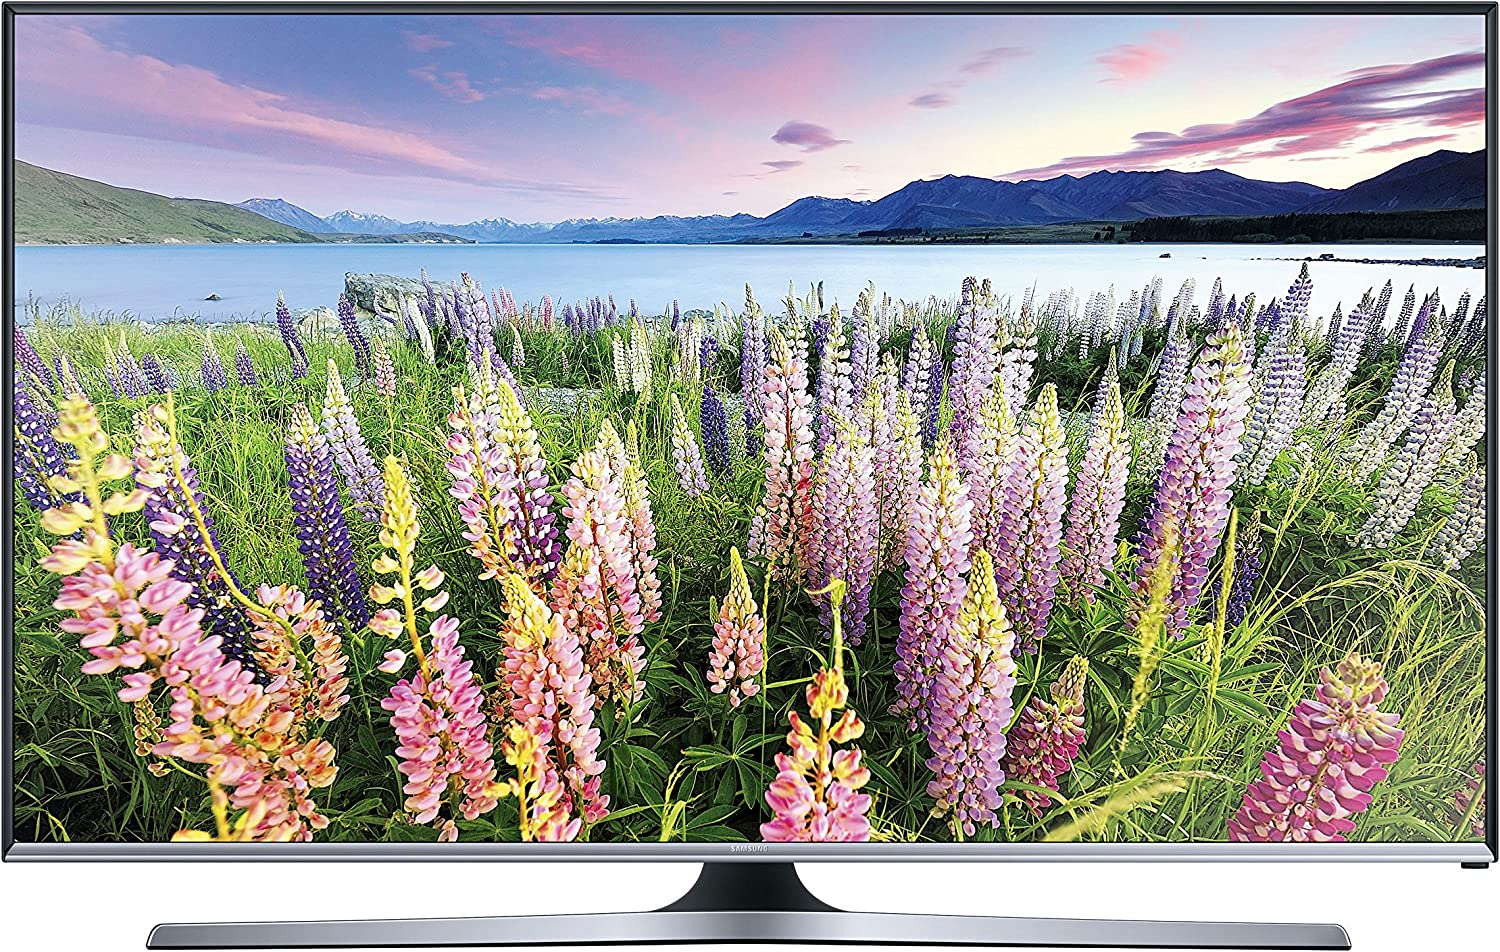 Samsung UE43J5550 43